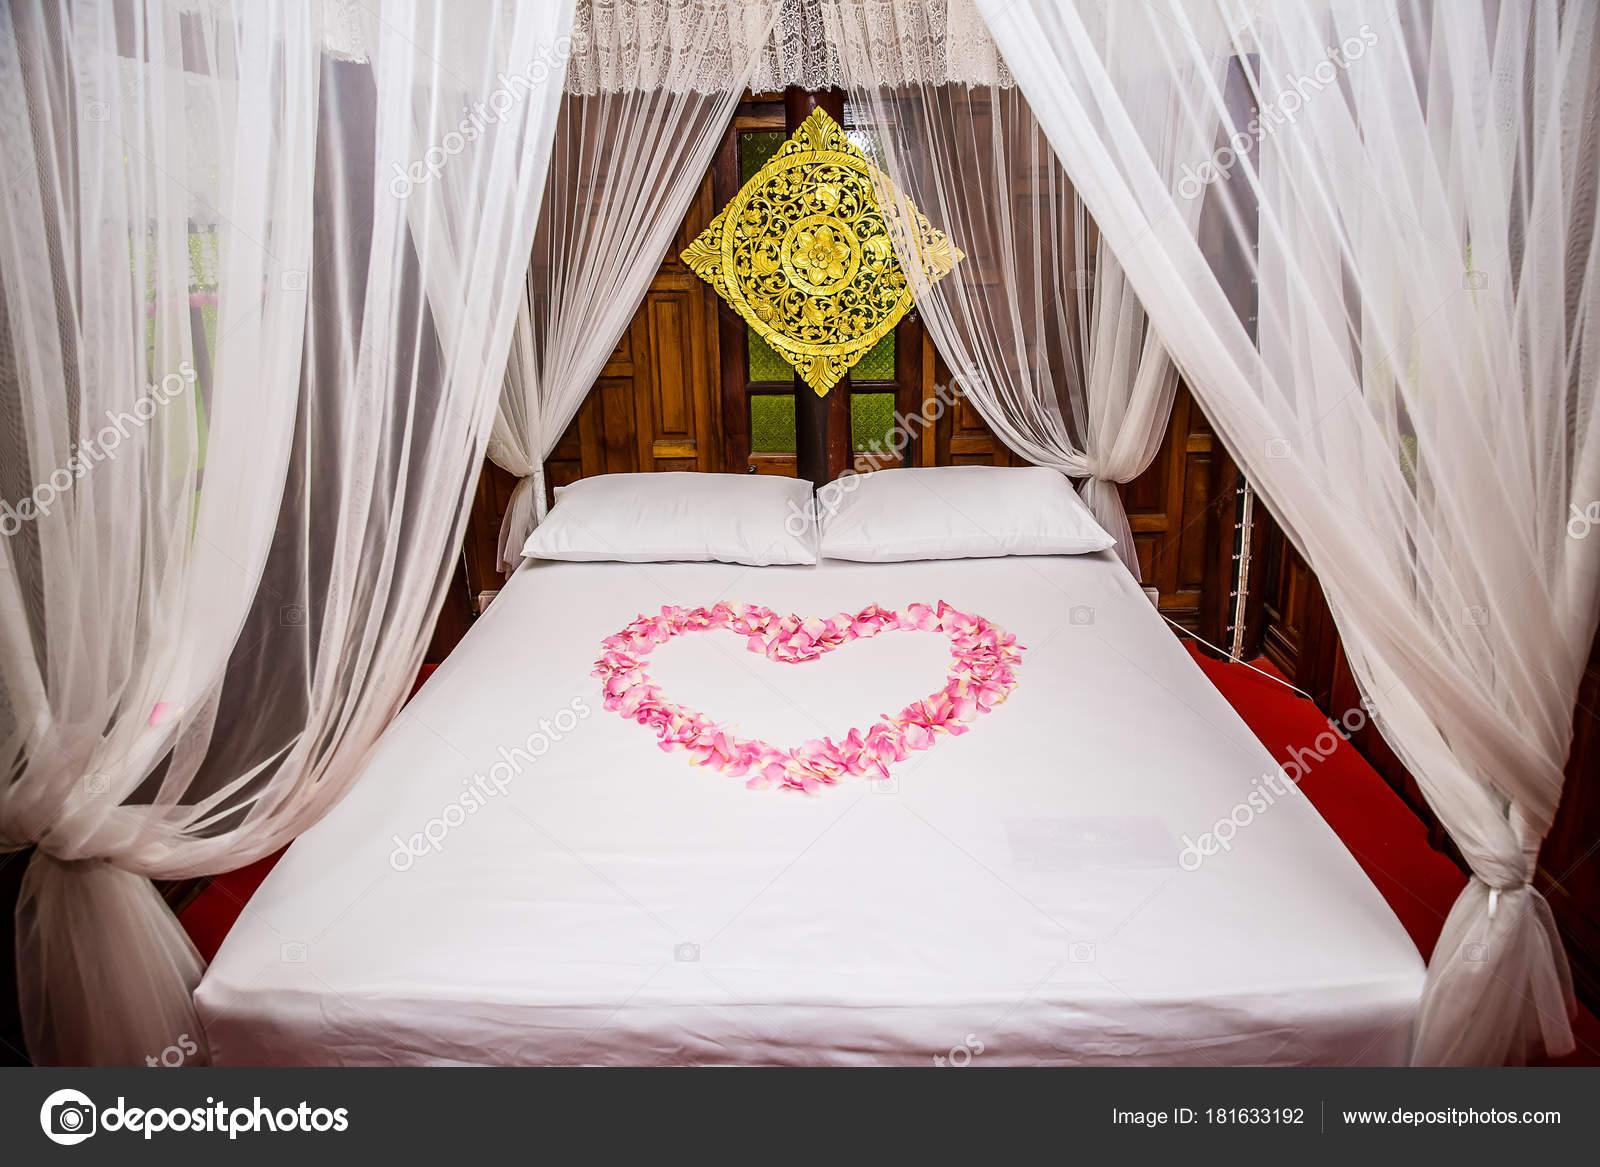 Camere Da Letto Romantiche Con Petali Di Rosa : Forma cuore rosa petali rosa sul letto bianco decorazione della